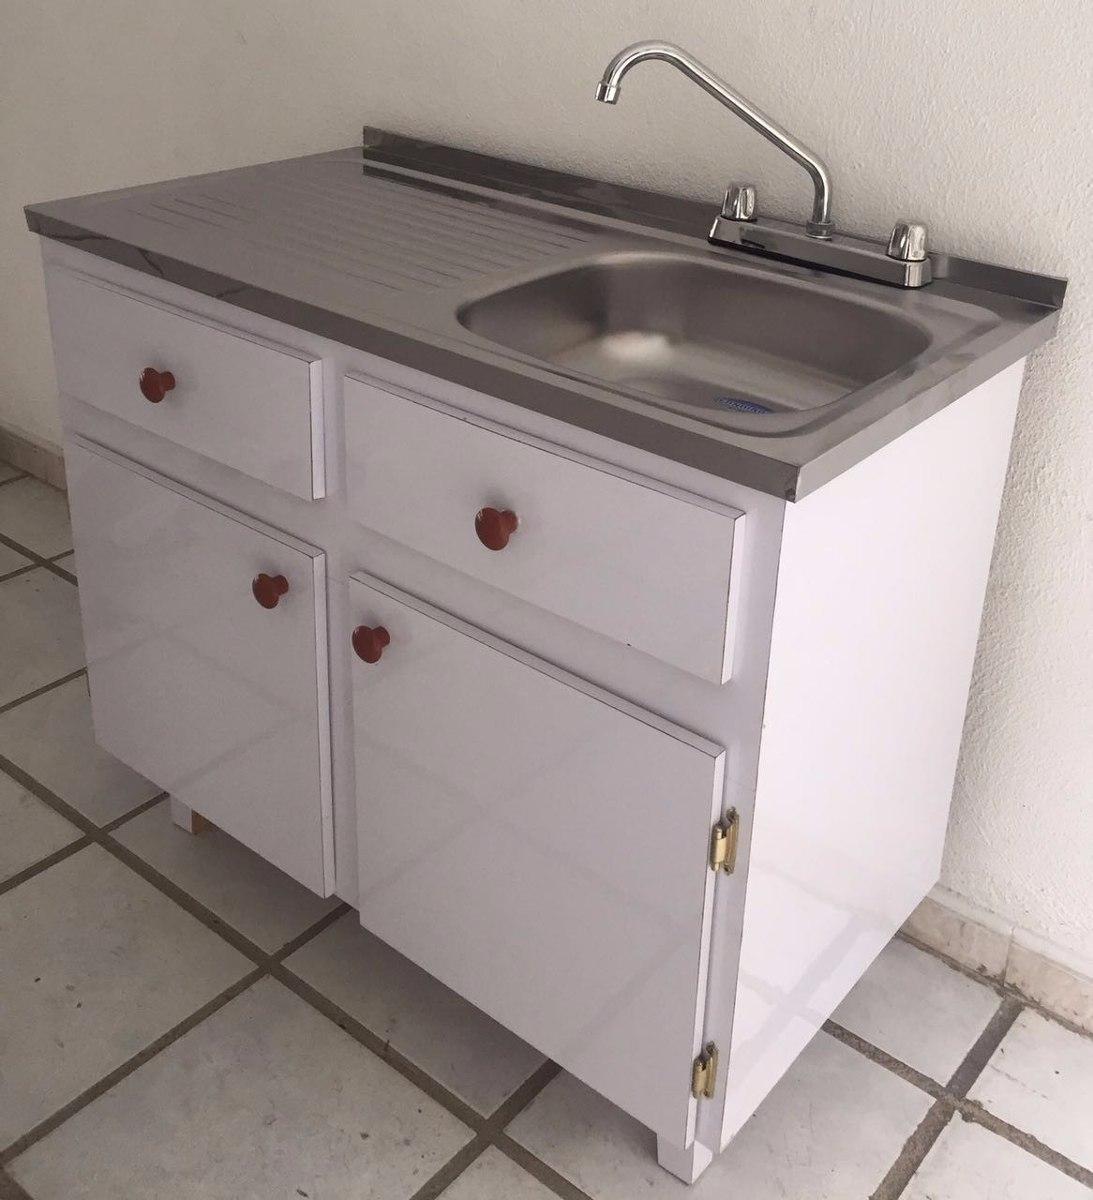 Combo mueble fregadero lavaplatos con griferia y herraje for Modulos para cocina baratos